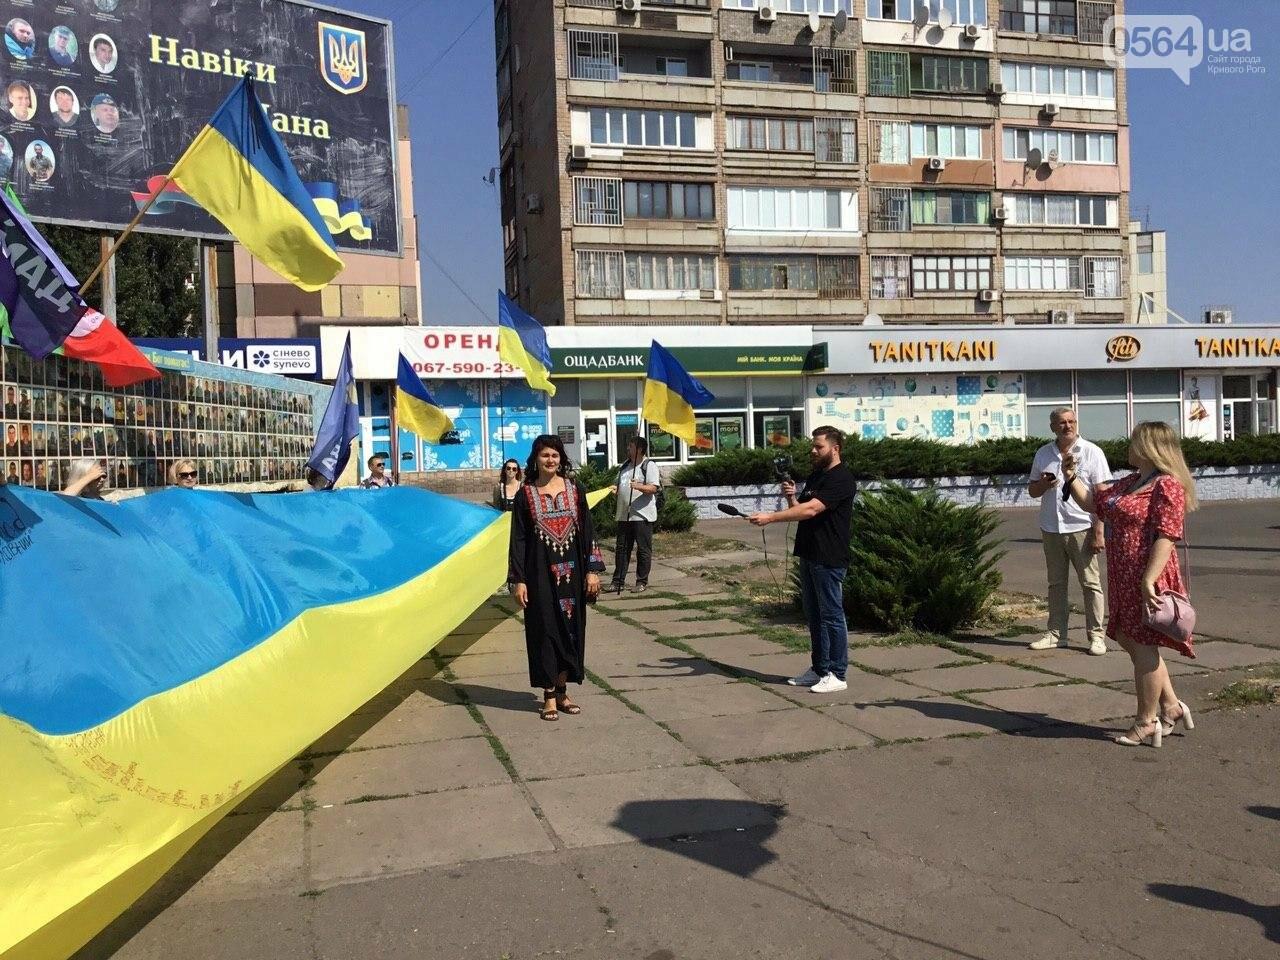 """""""Українці - брати, Разом ми - сила!"""", - какие пожелания и призывы написали криворожане на Знамени Единства, - ФОТО, ВИДЕО, фото-62"""